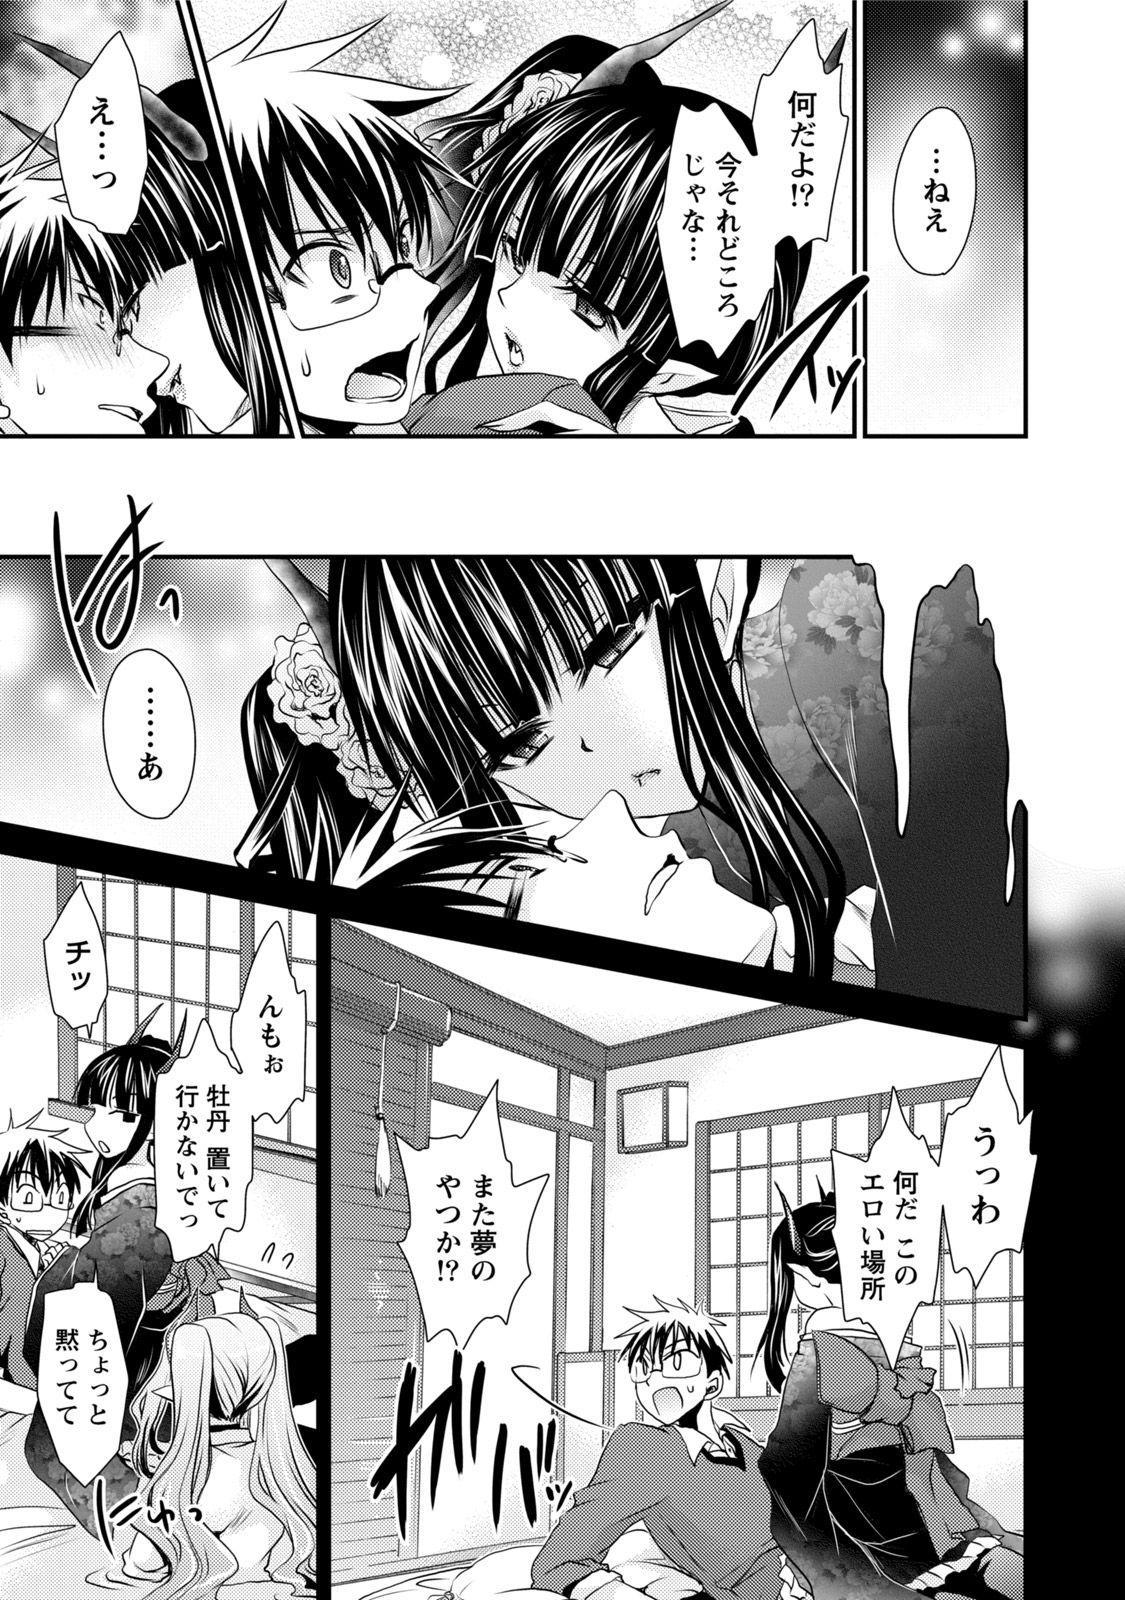 Ore to Kanojo to Owaru Sekai - World's end LoveStory 1 139